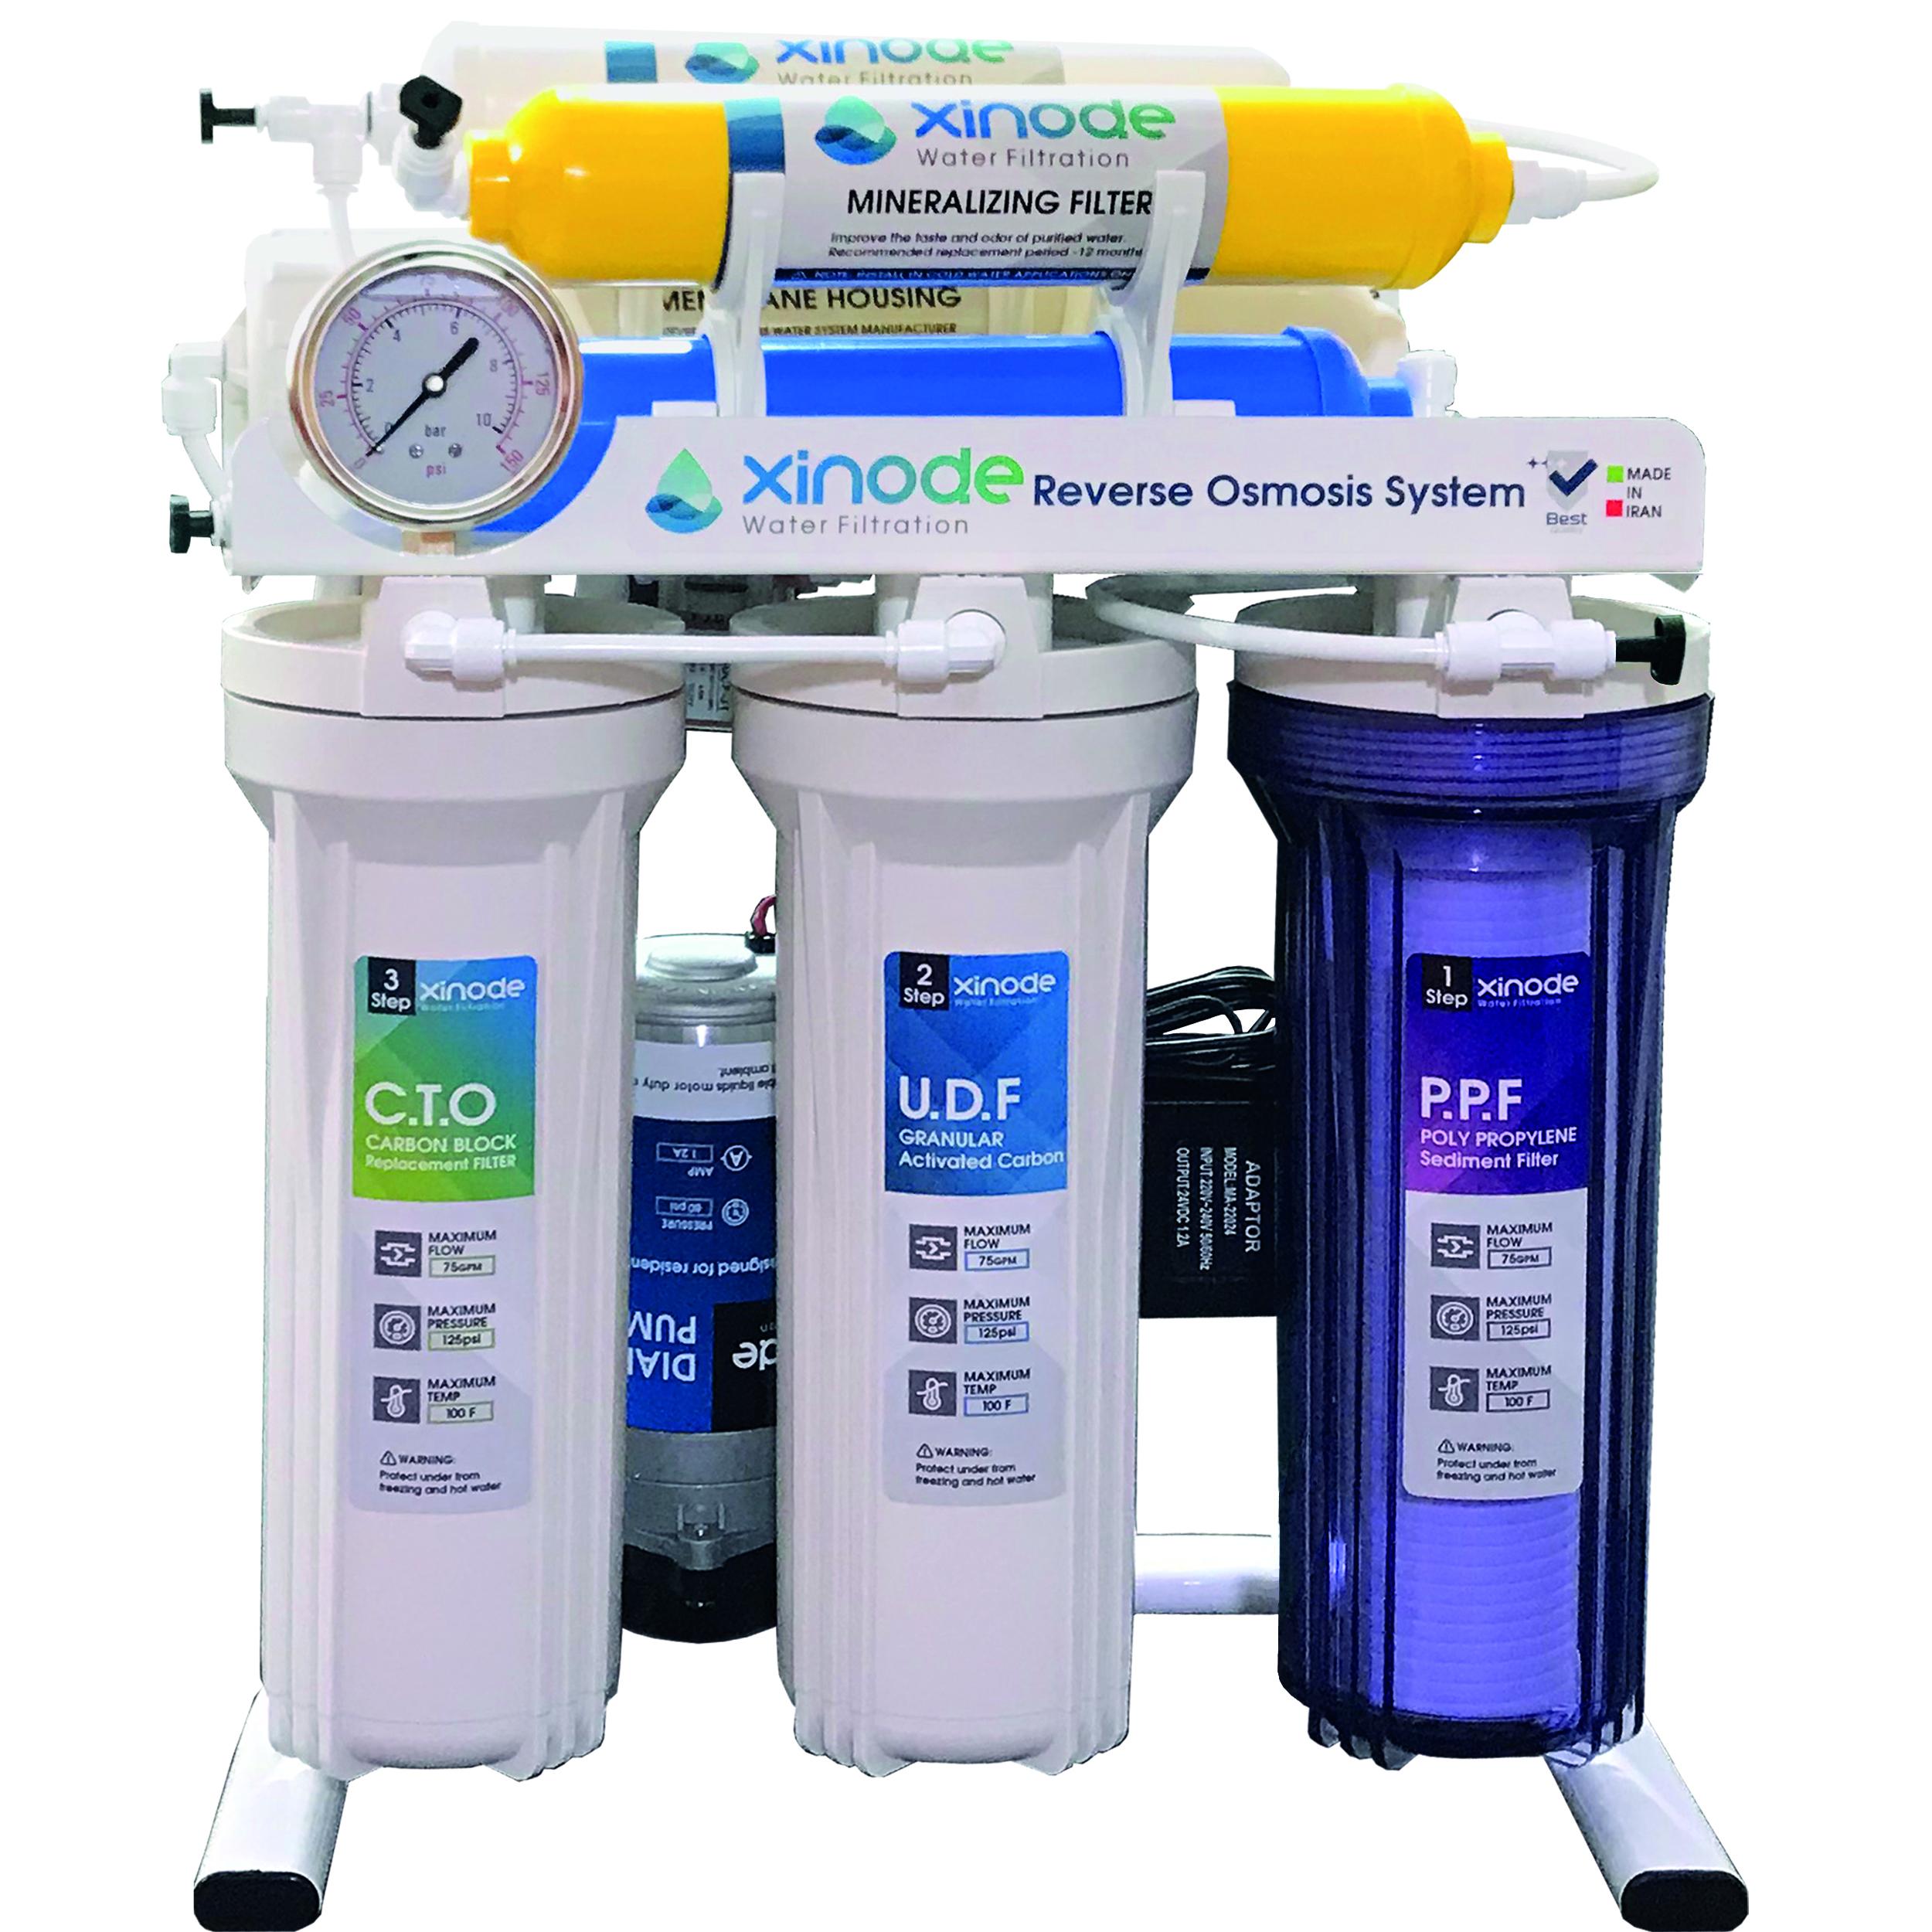 دستگاه تصفیه کننده آب زینود مدل AXS-205HB